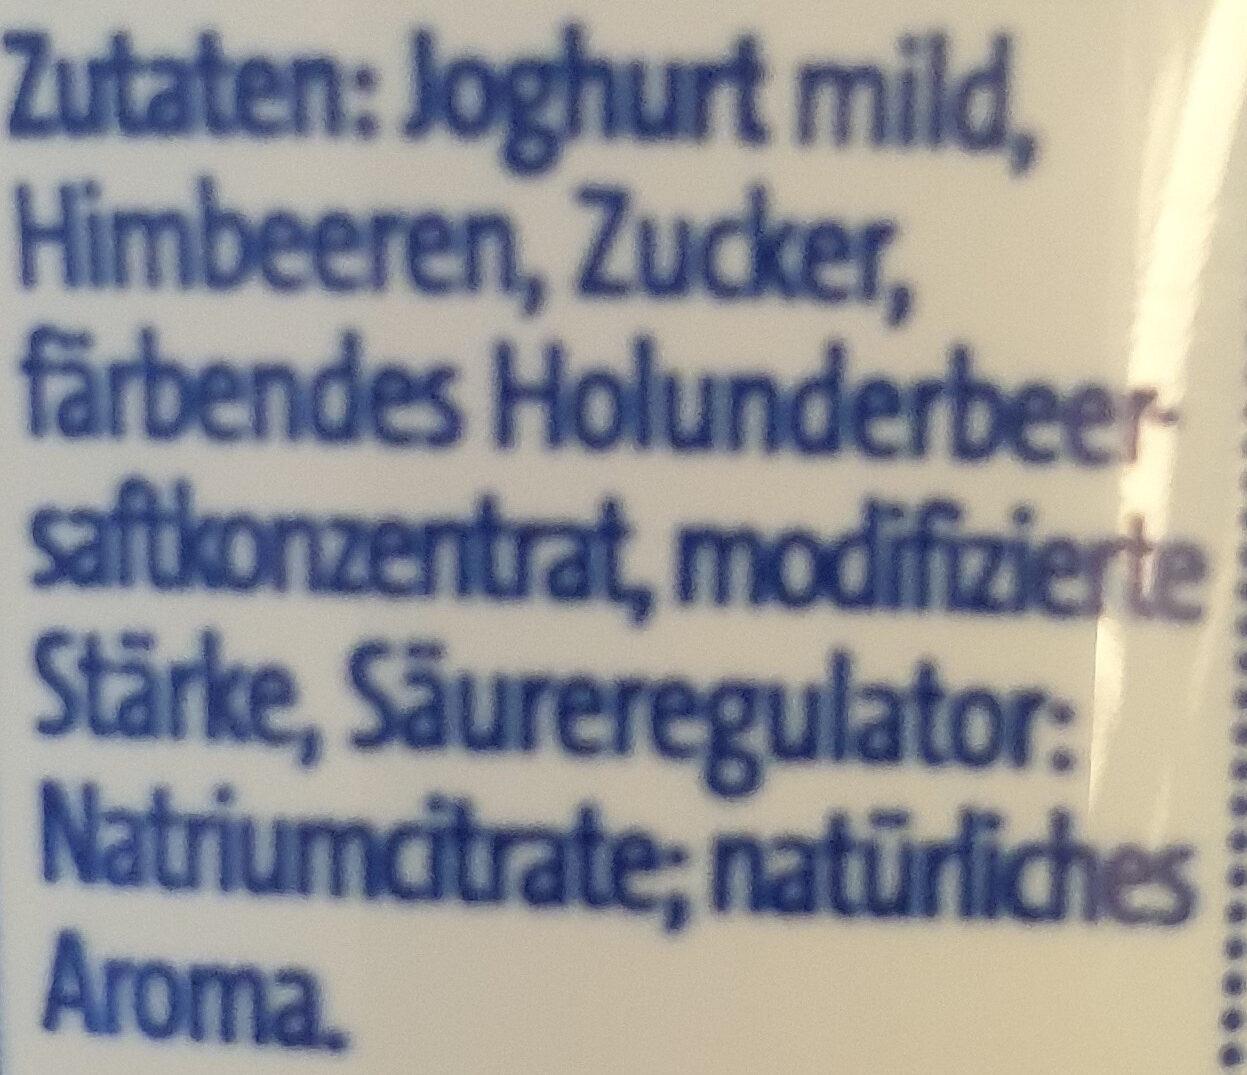 Der Kleine Bauer: Joghurt 100g Himbeer - Ingrediënten